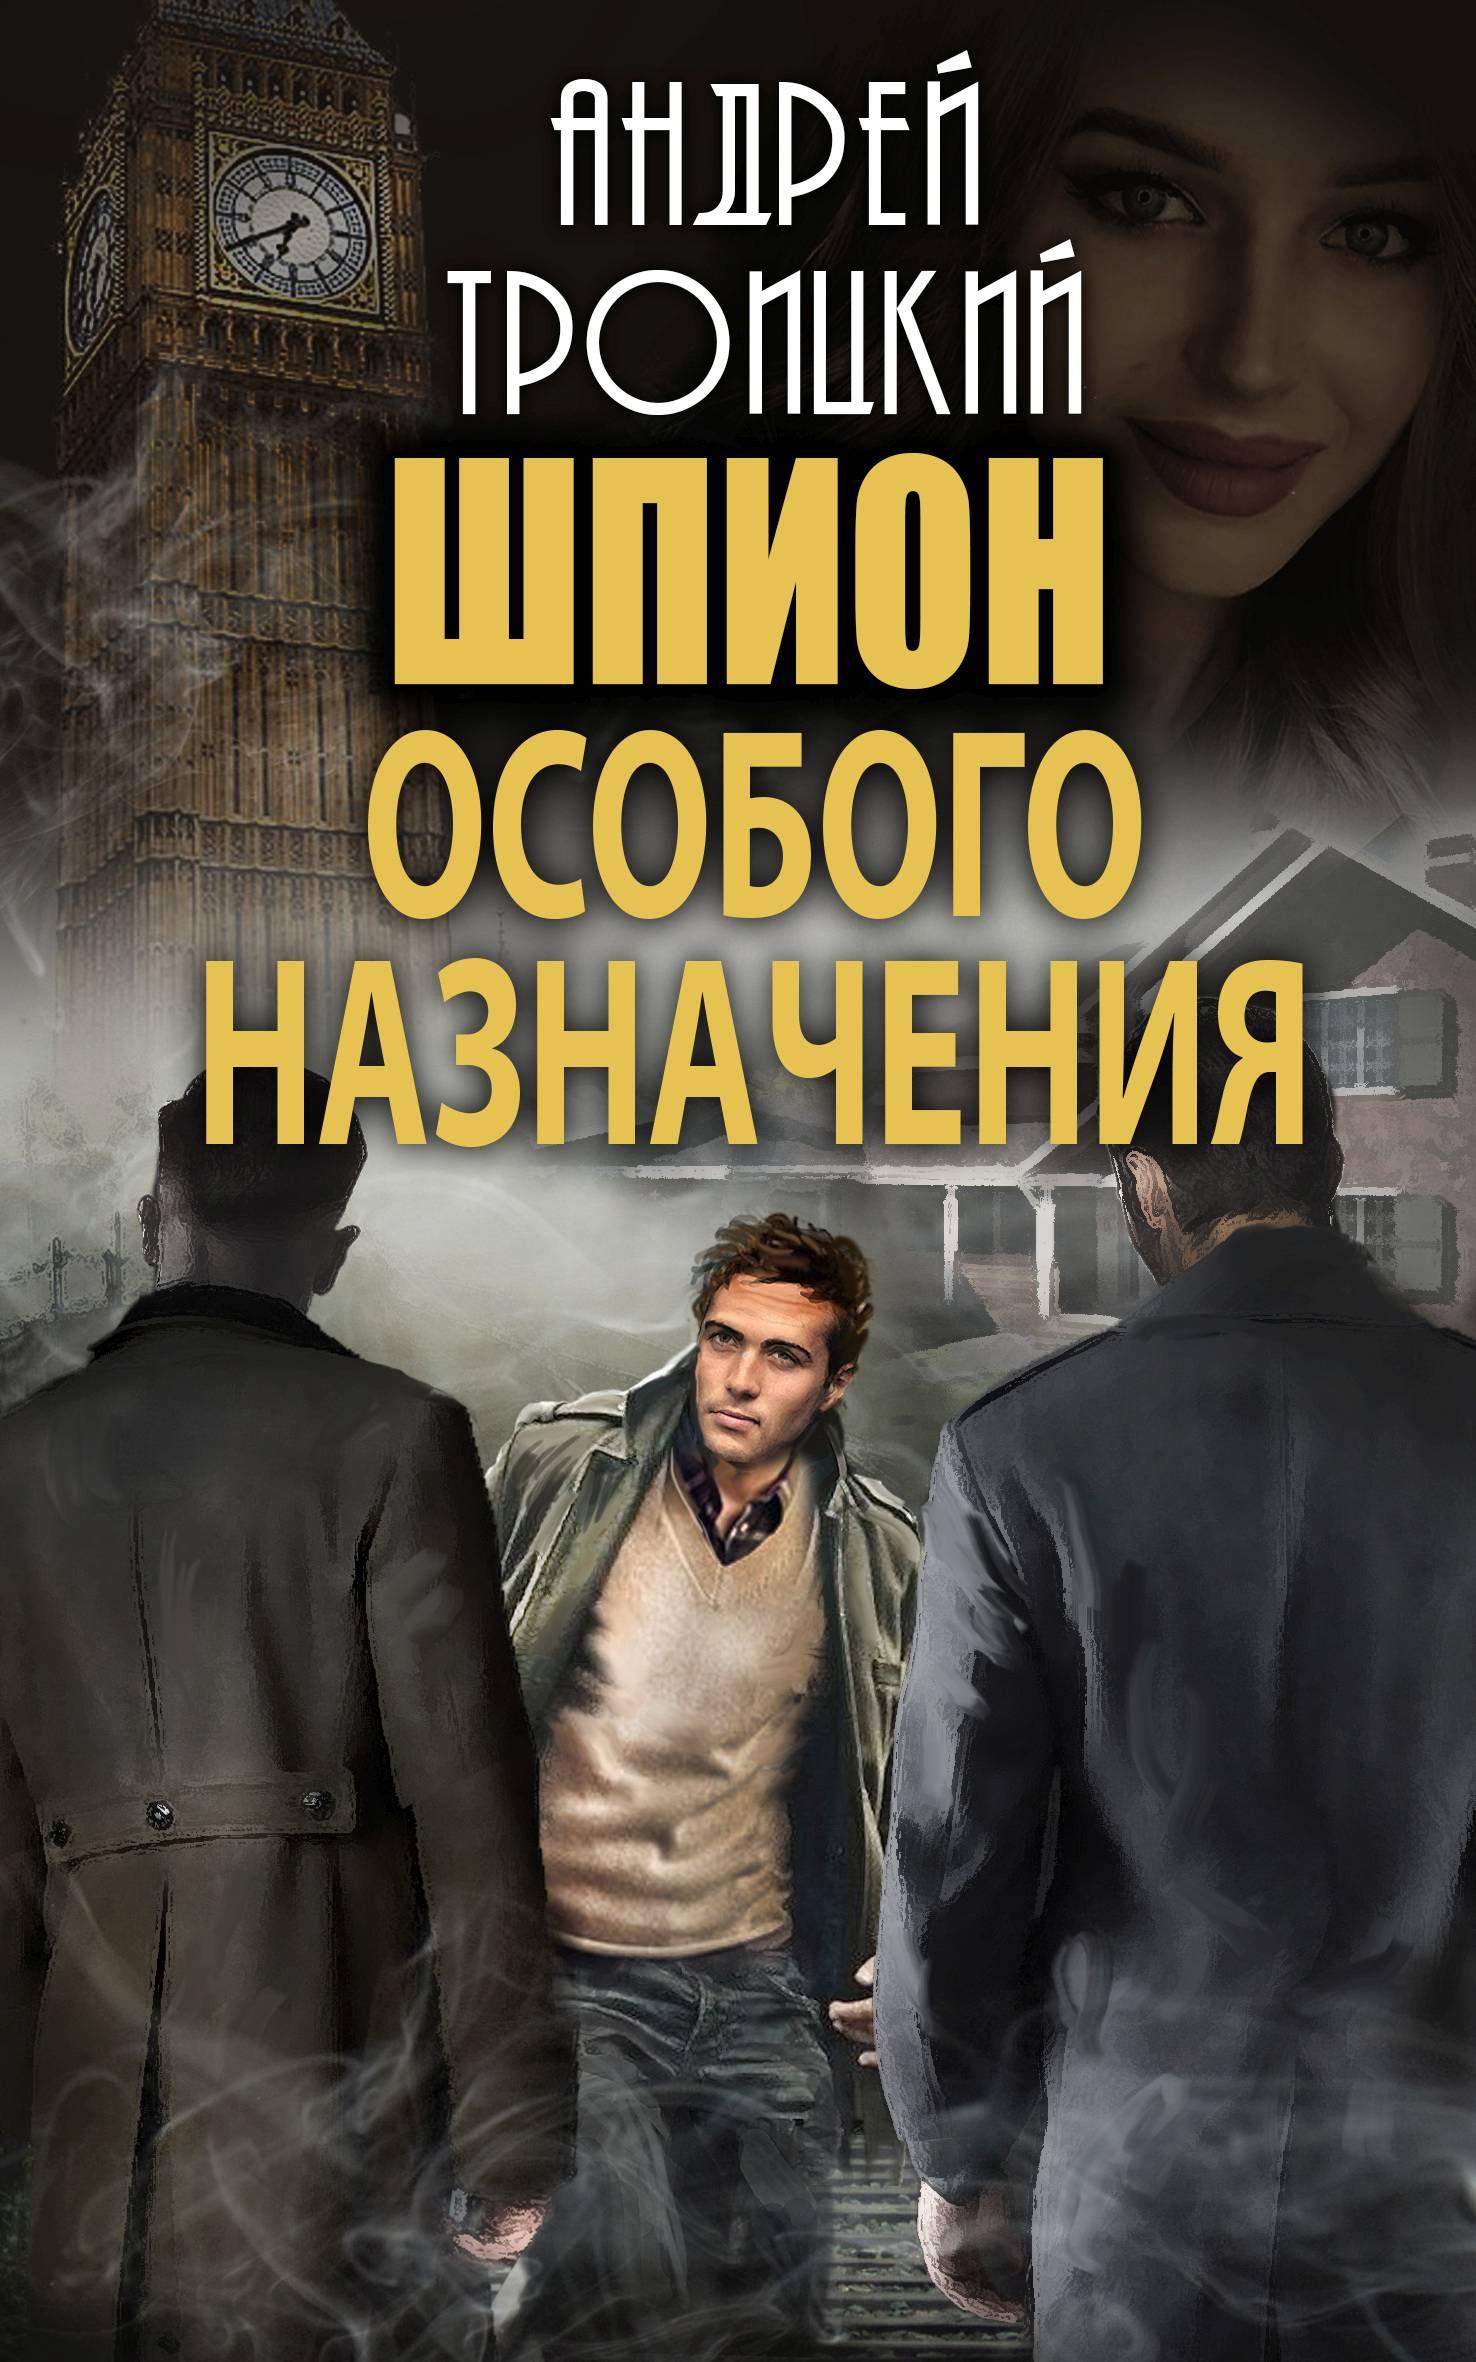 Андрей Троицкий «Шпион особого назначения»